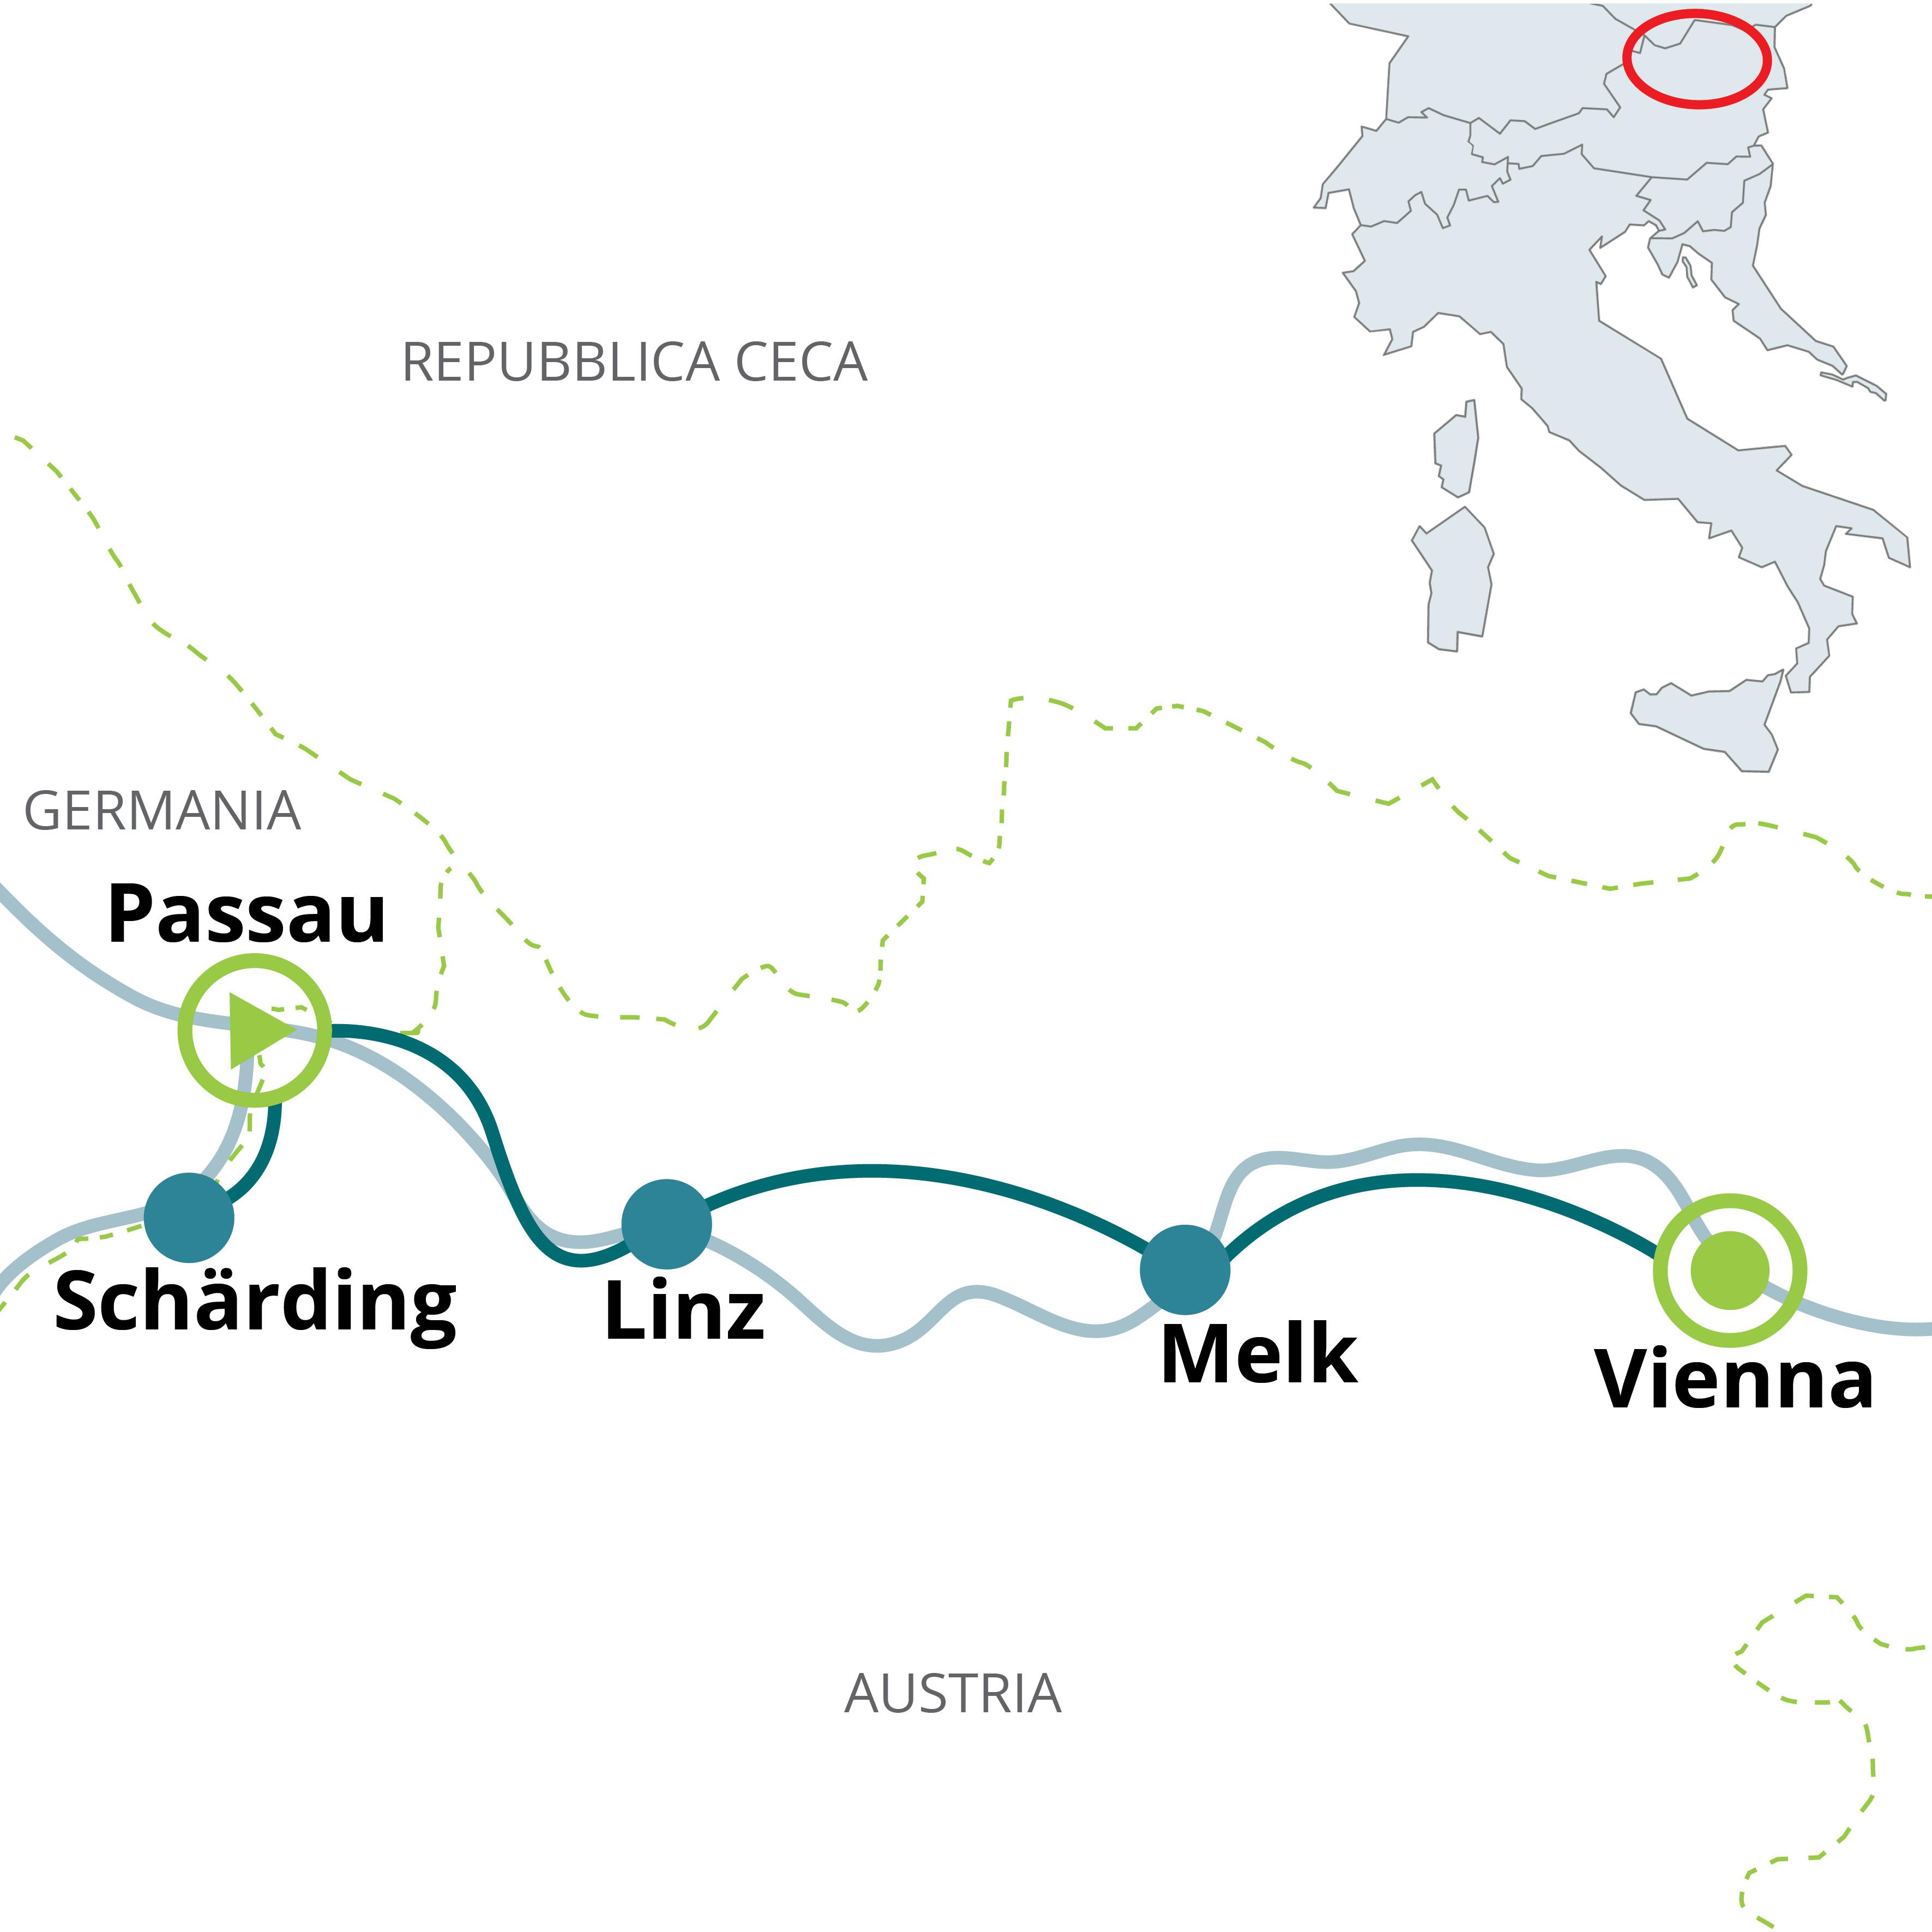 Viaggio In Bici Da Passau A Vienna Lungo Il Danubio Funactive Tours